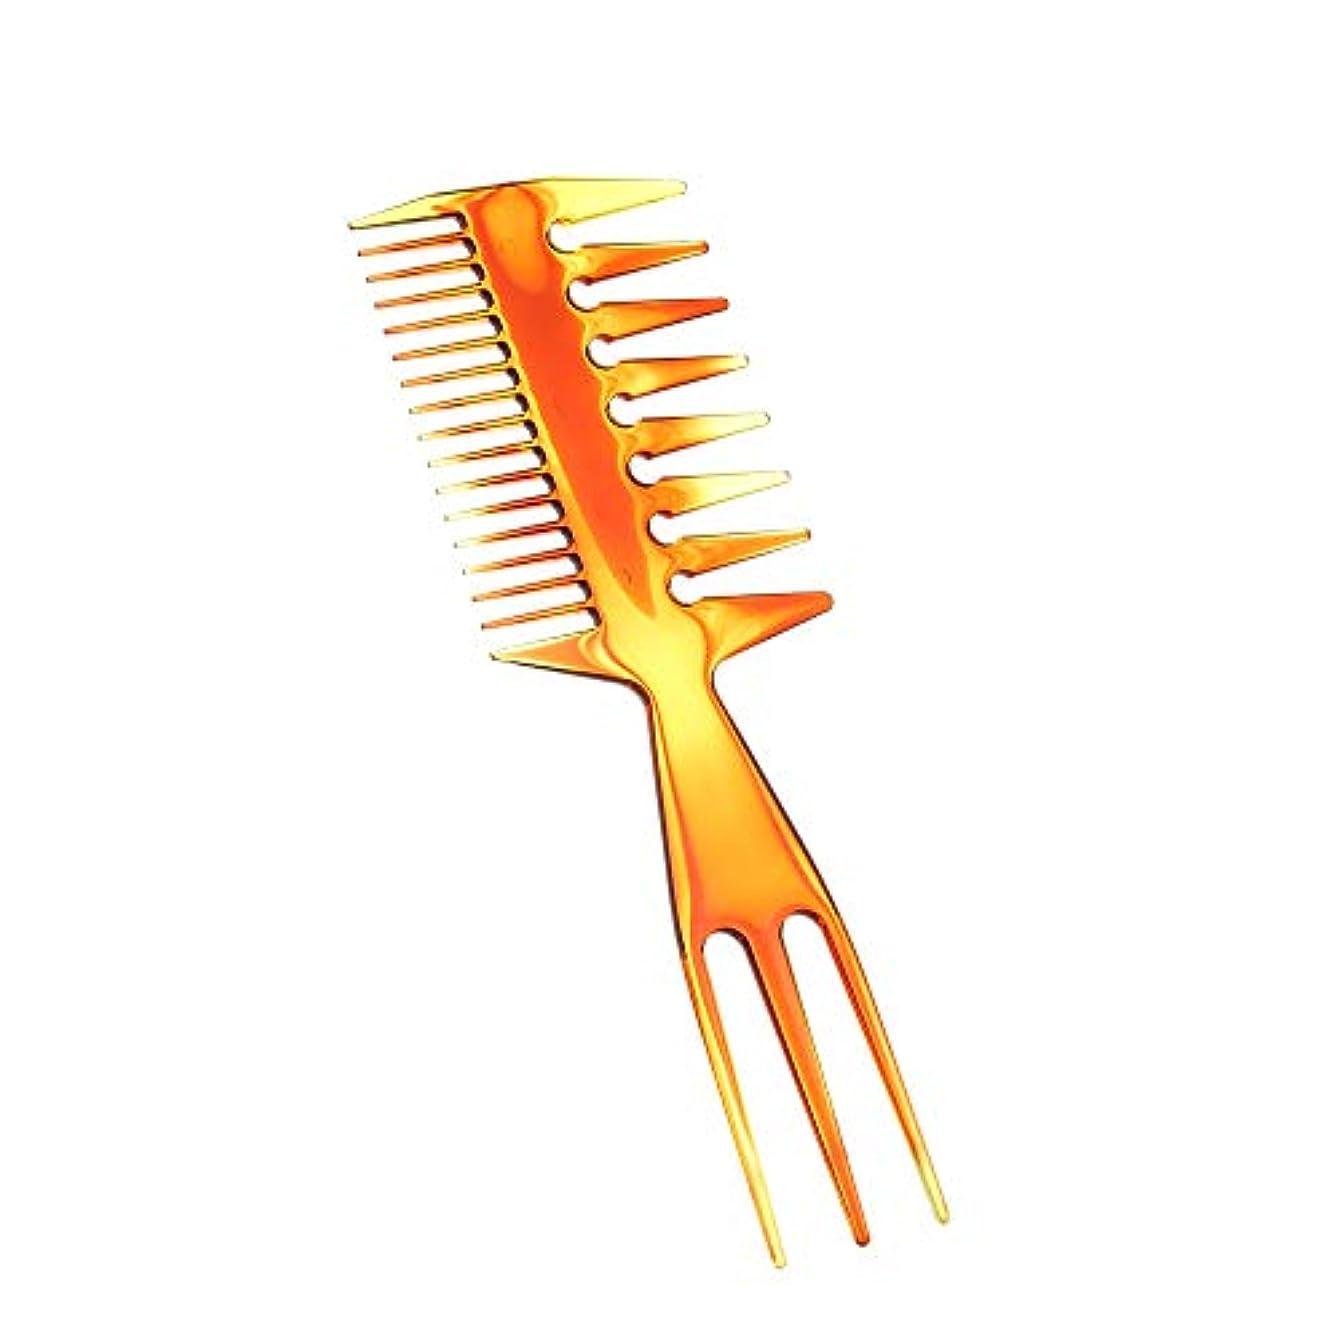 急性軽減する是正Decdeal 櫛 多機能 理髪 くし メンズ スタイリングヘアサロンコーム